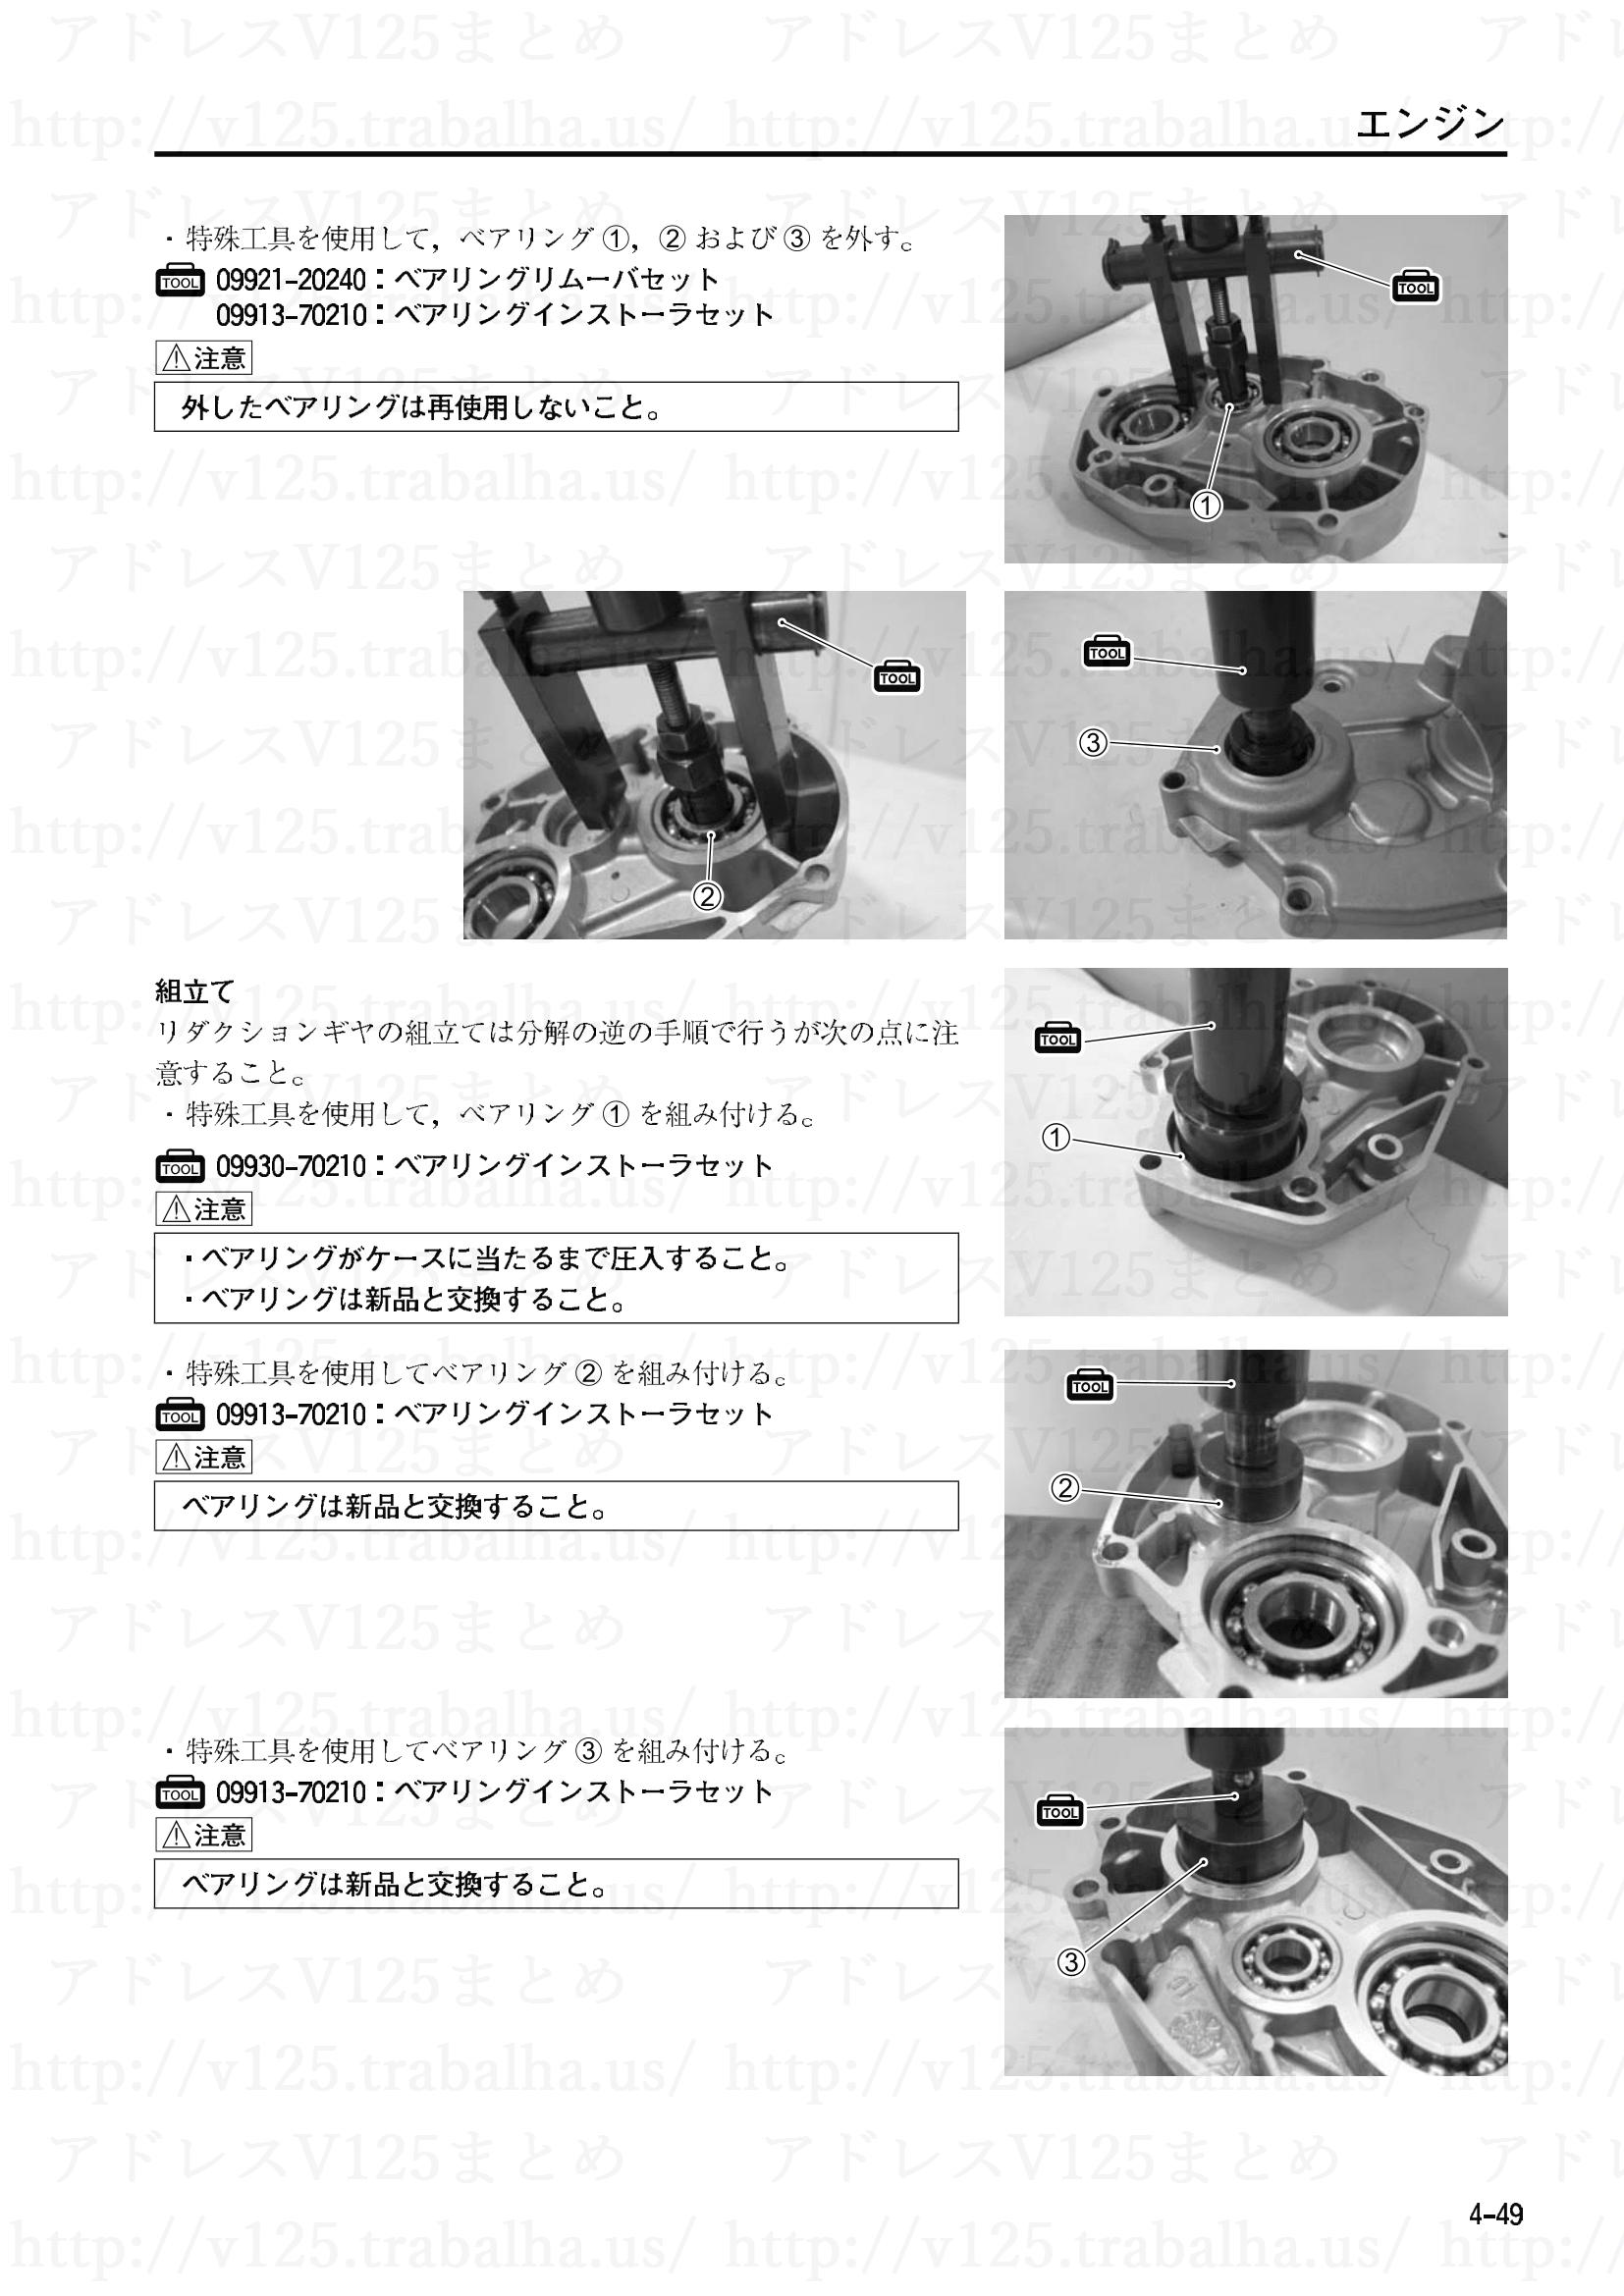 4-49【エンジン】エンジン部組部品の点検27